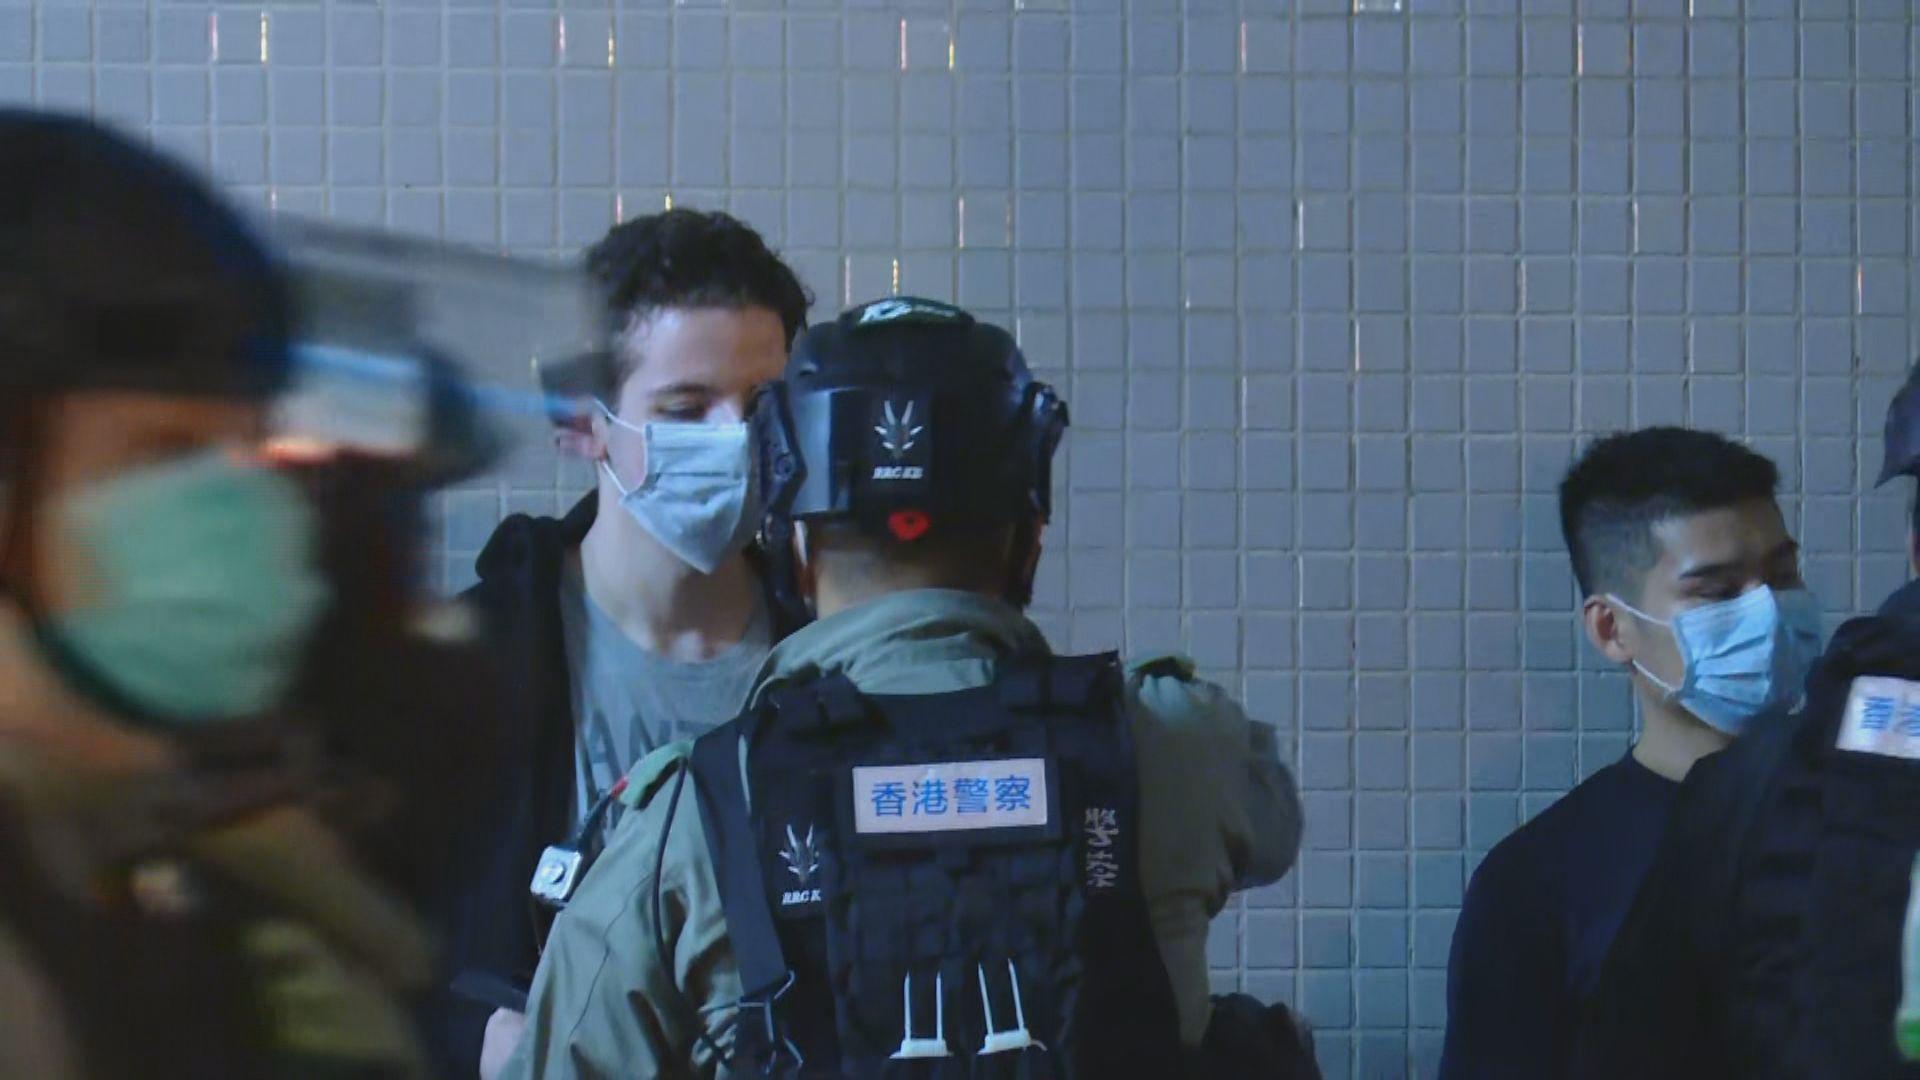 數百名市民將軍澳悼念周梓樂 警方帶走多人